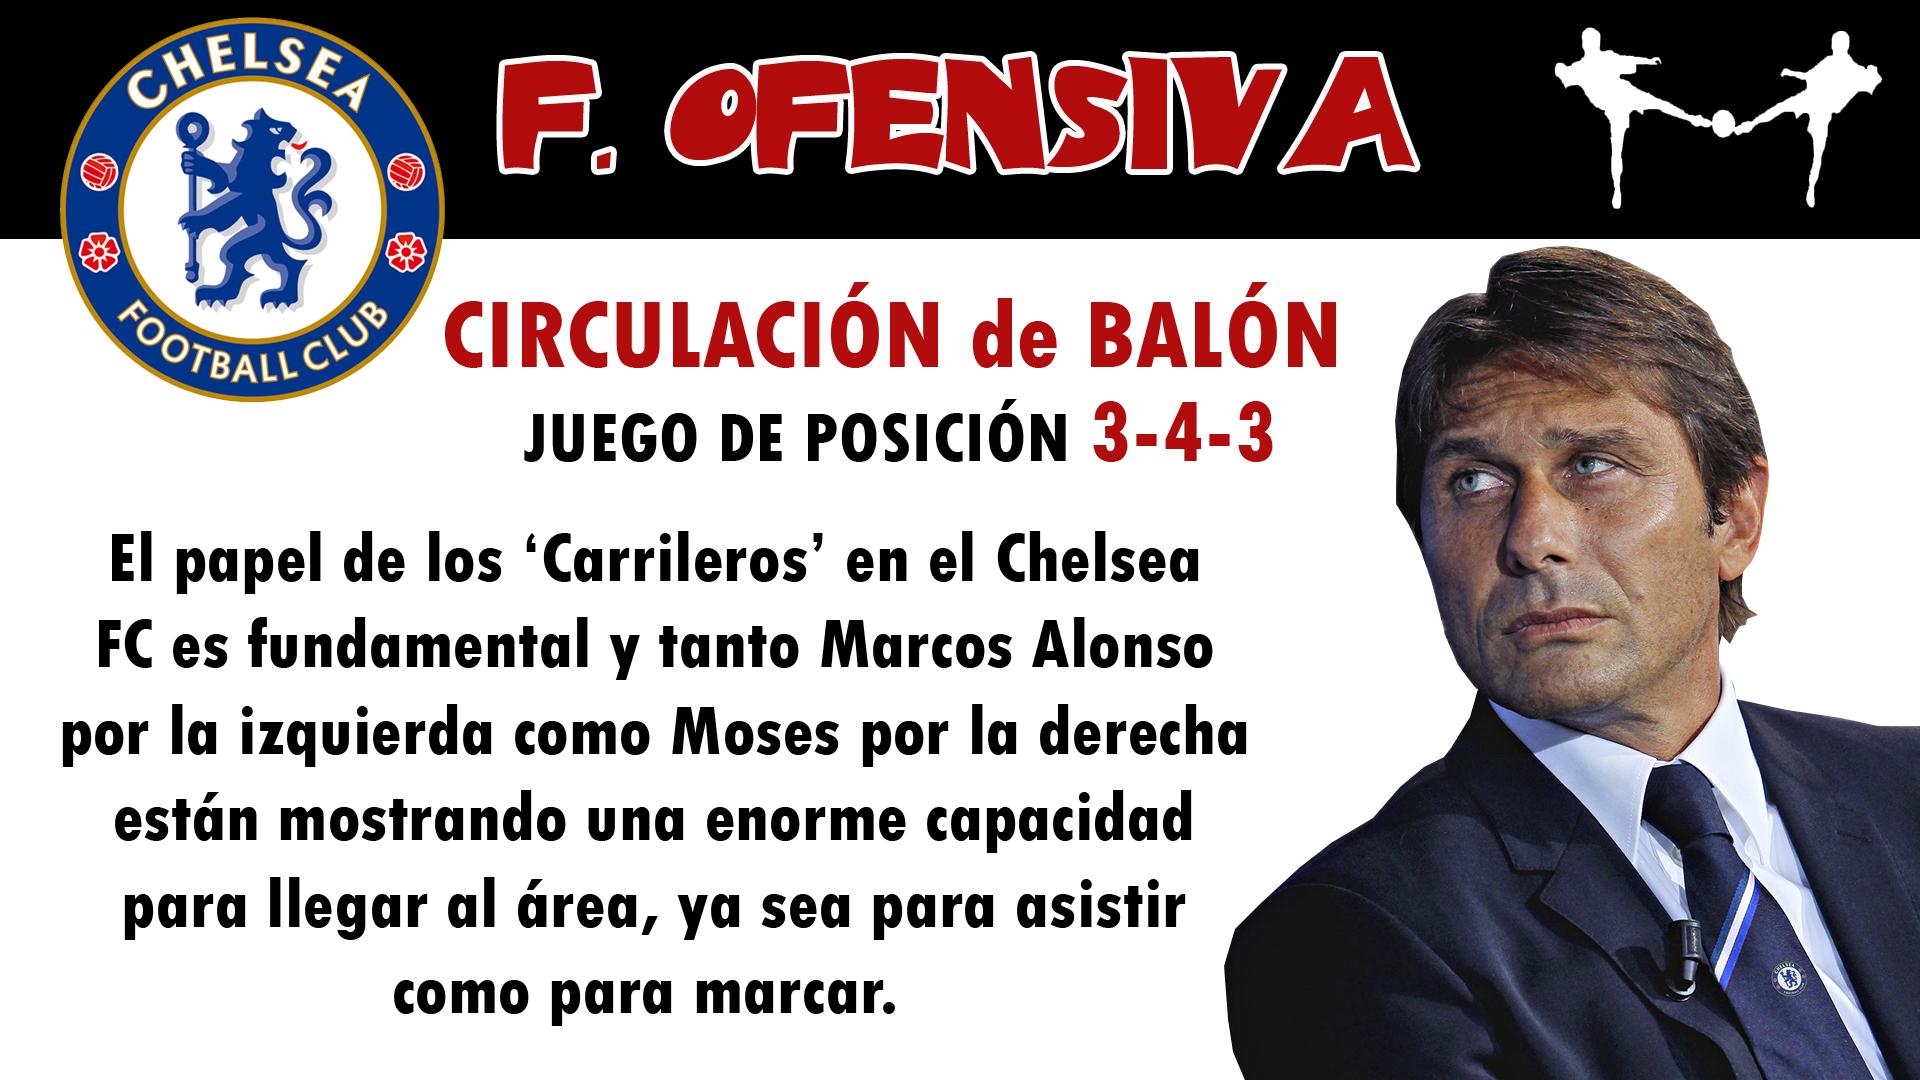 futbolcarrasco chelsea conte premier analisis tactico